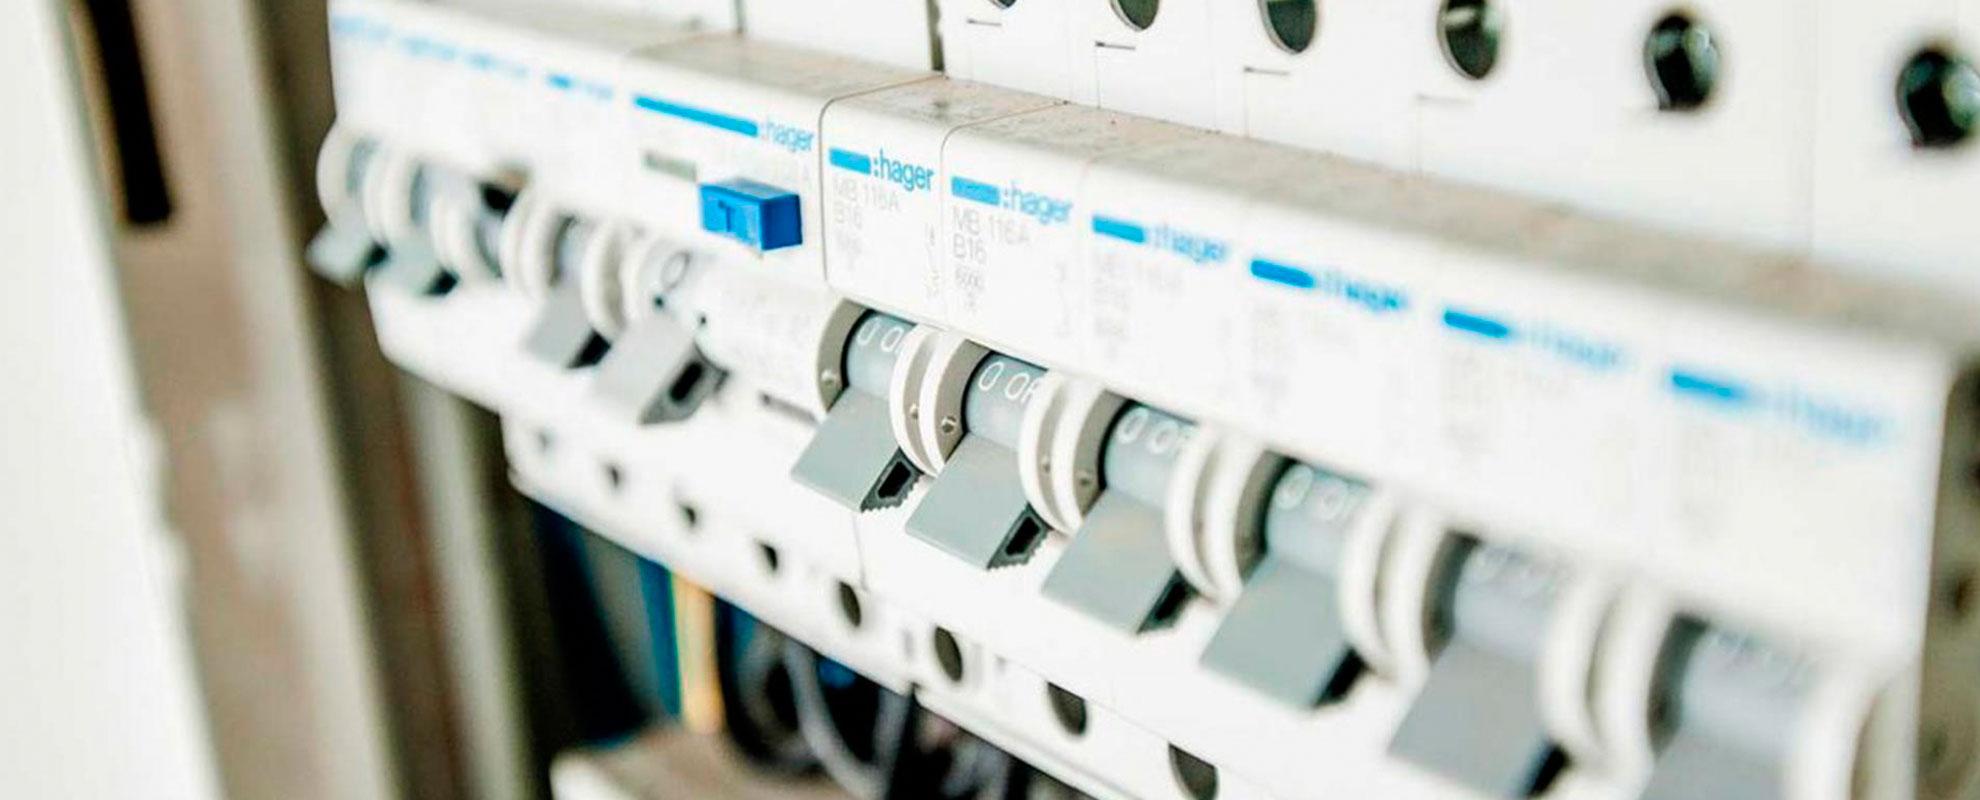 Instalaciones y mantenimiento eléctrico de baja tensión en Madrid